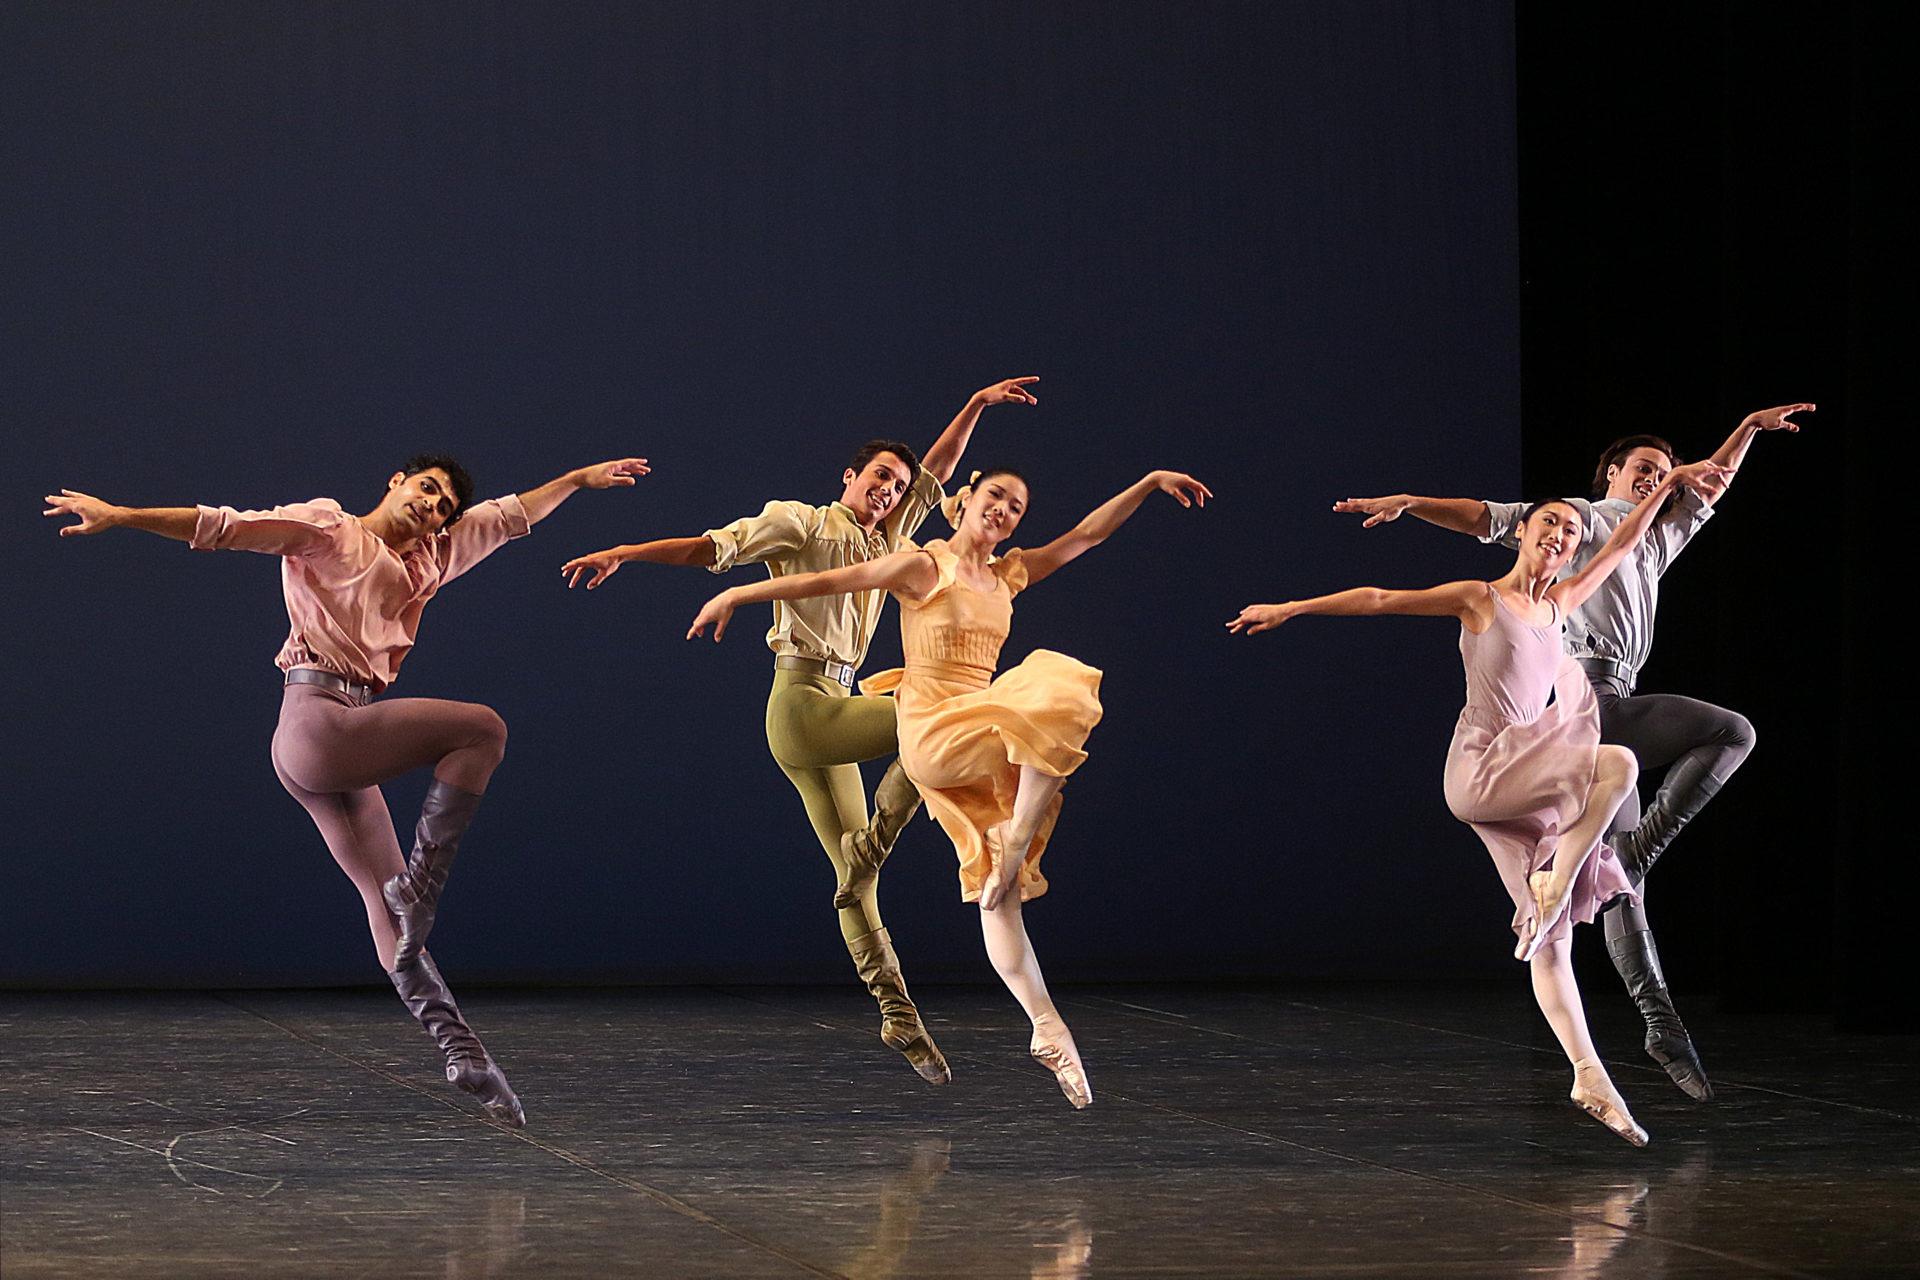 Chopin_Dances_HH_Ballett_Foto_AnjaBeutler.de_166